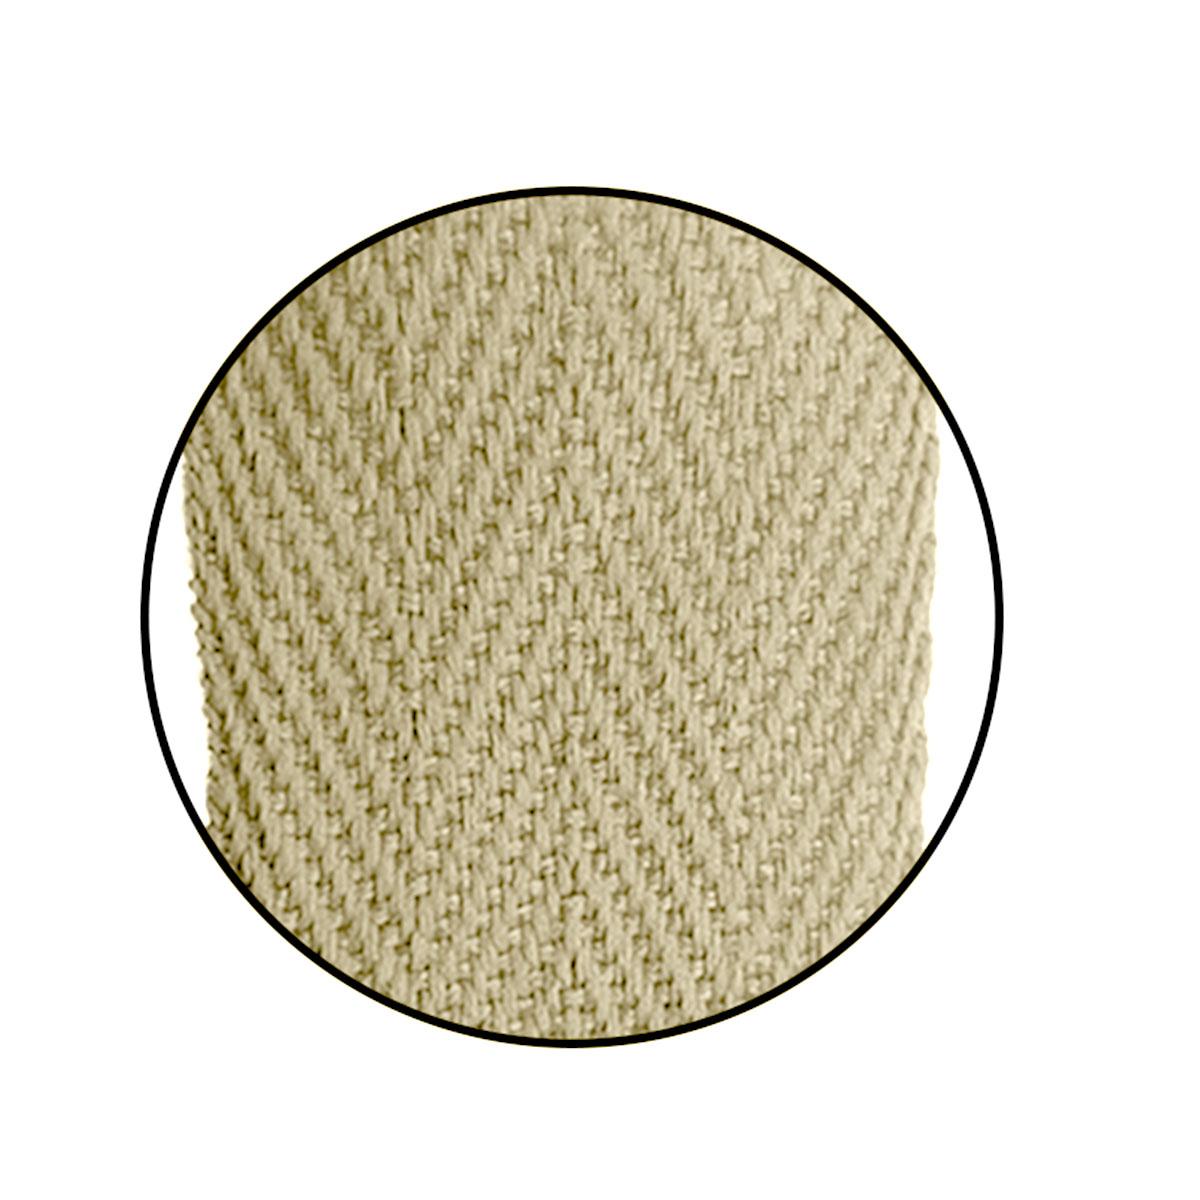 Alça Gorgurão (Escama) 25mm x 37 cm - Cortada S/ Acetato (100unidades)